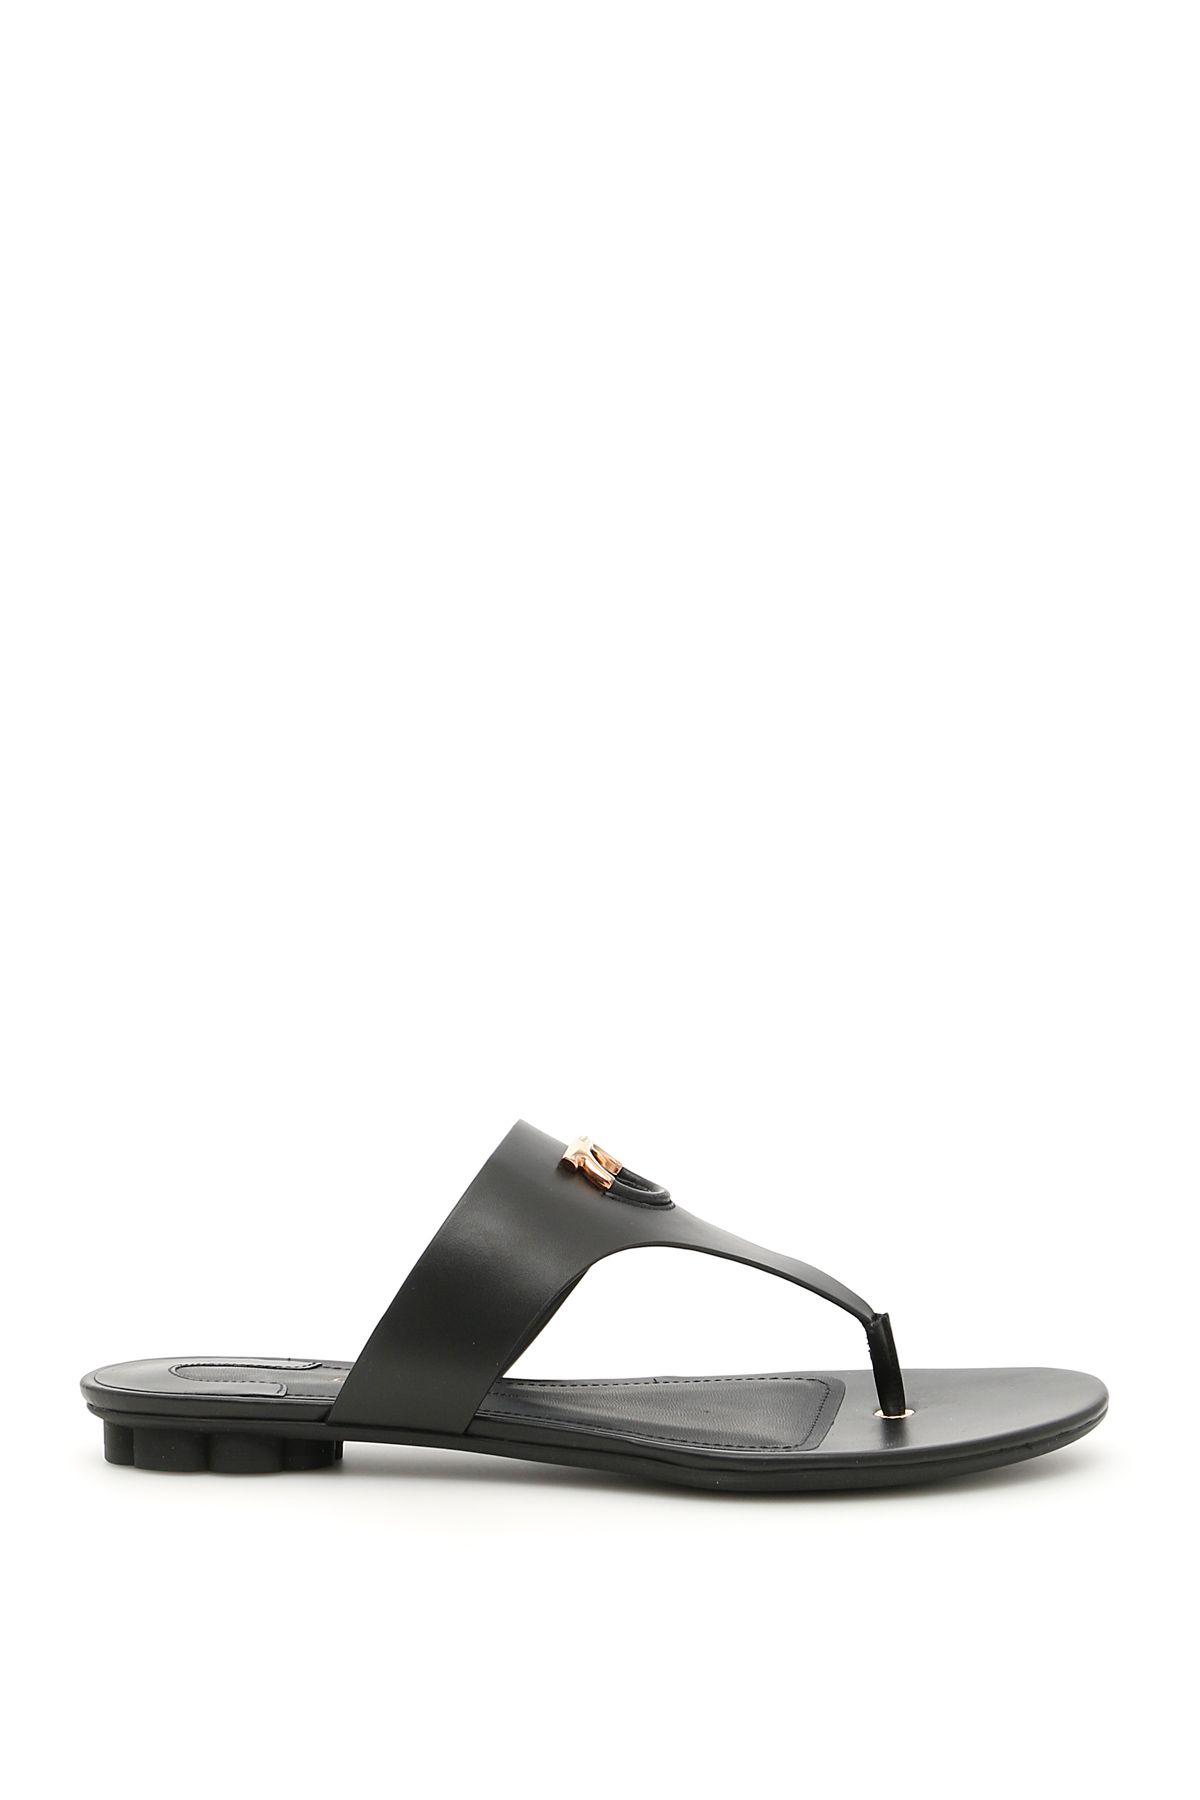 Calfskin Enfola Sandals